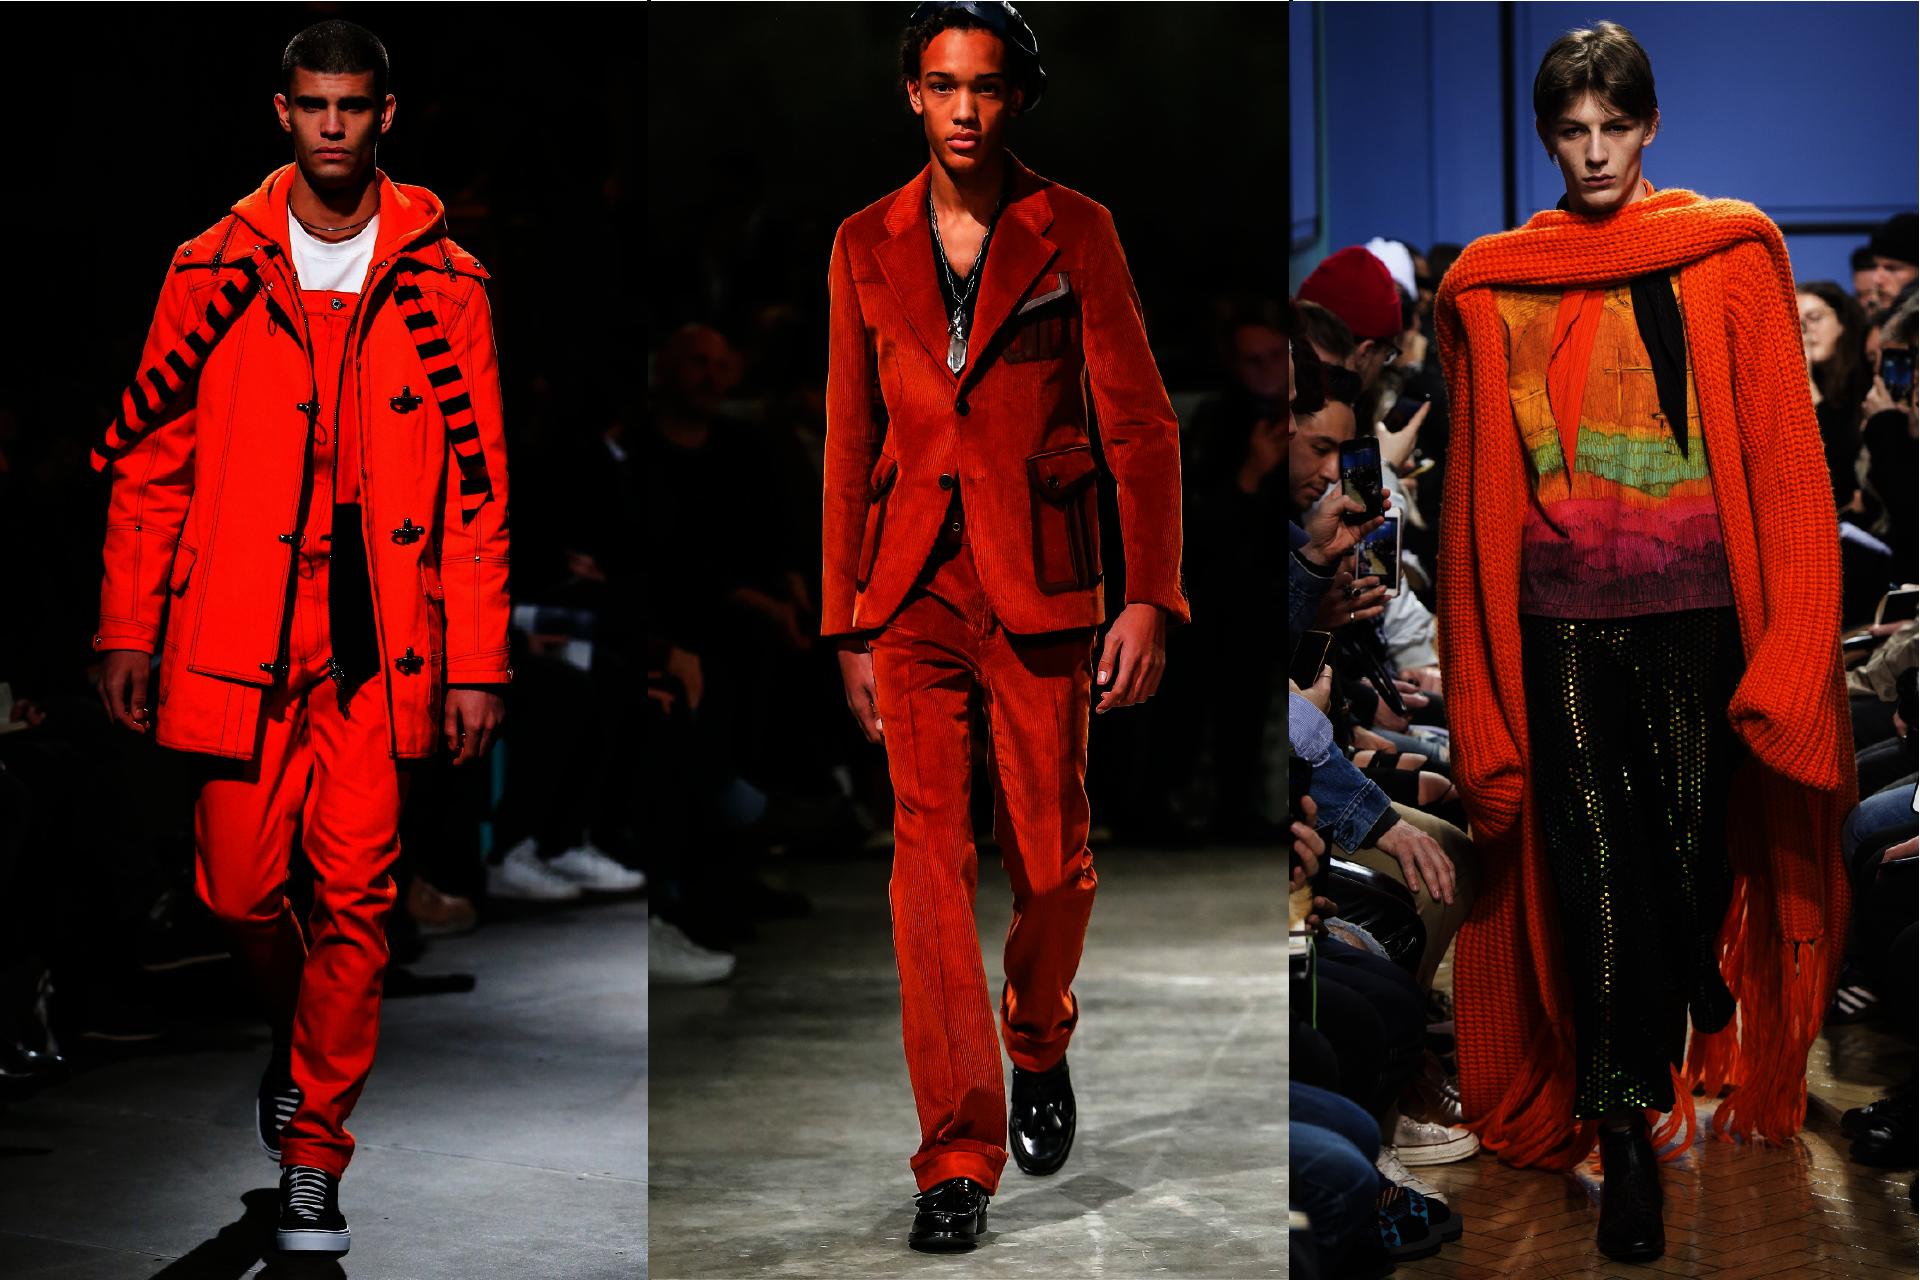 Trendy w modzie męskiej jesień-zima 2017, Pokazy mody męskiej jesień-zima 2017, Pomarańczowy w modzie męskiej, Kolor pomarańczowy, Orange is the new black